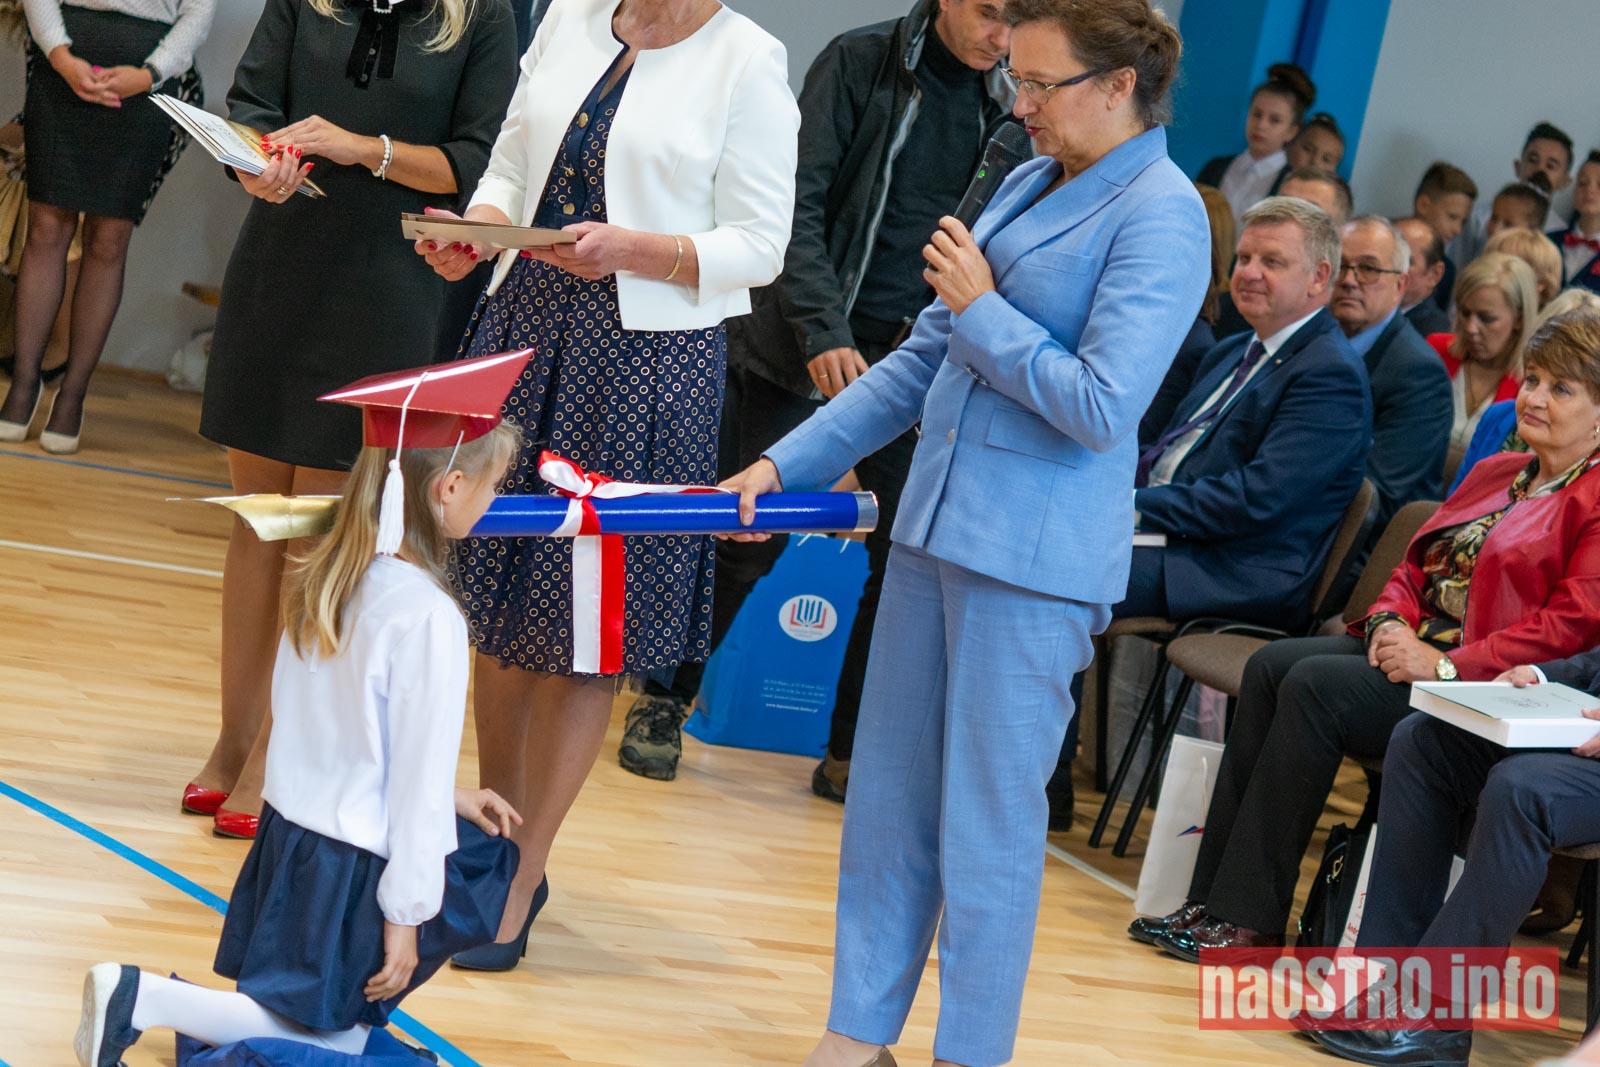 NaOSTRO Otwarcie Szkoły w Bałtowie-158